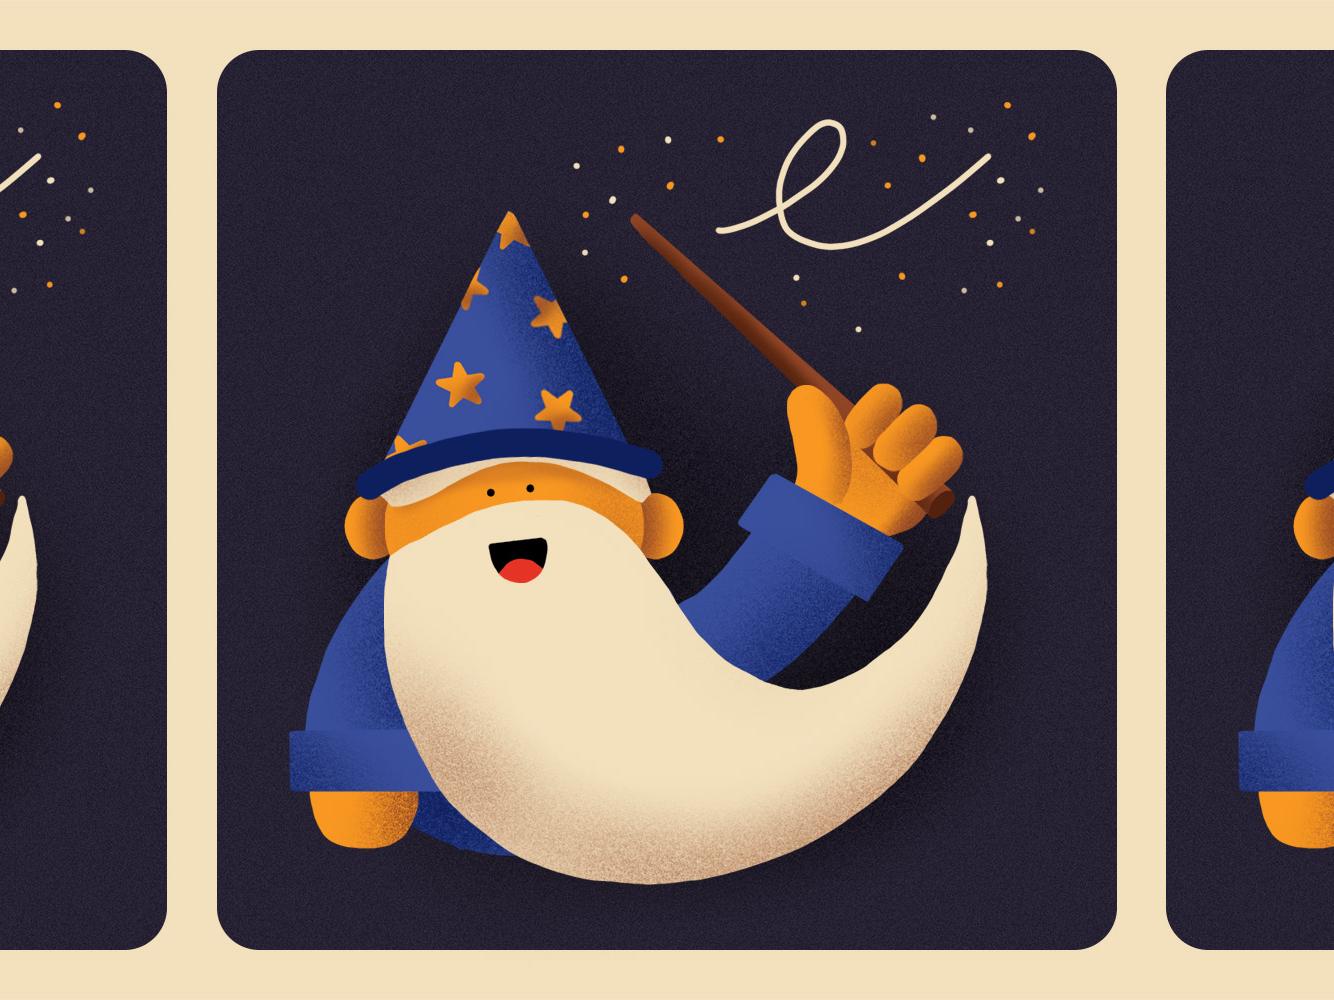 Inktober 04 - Spell procreate ipadpro illustration magician spell magic inktober